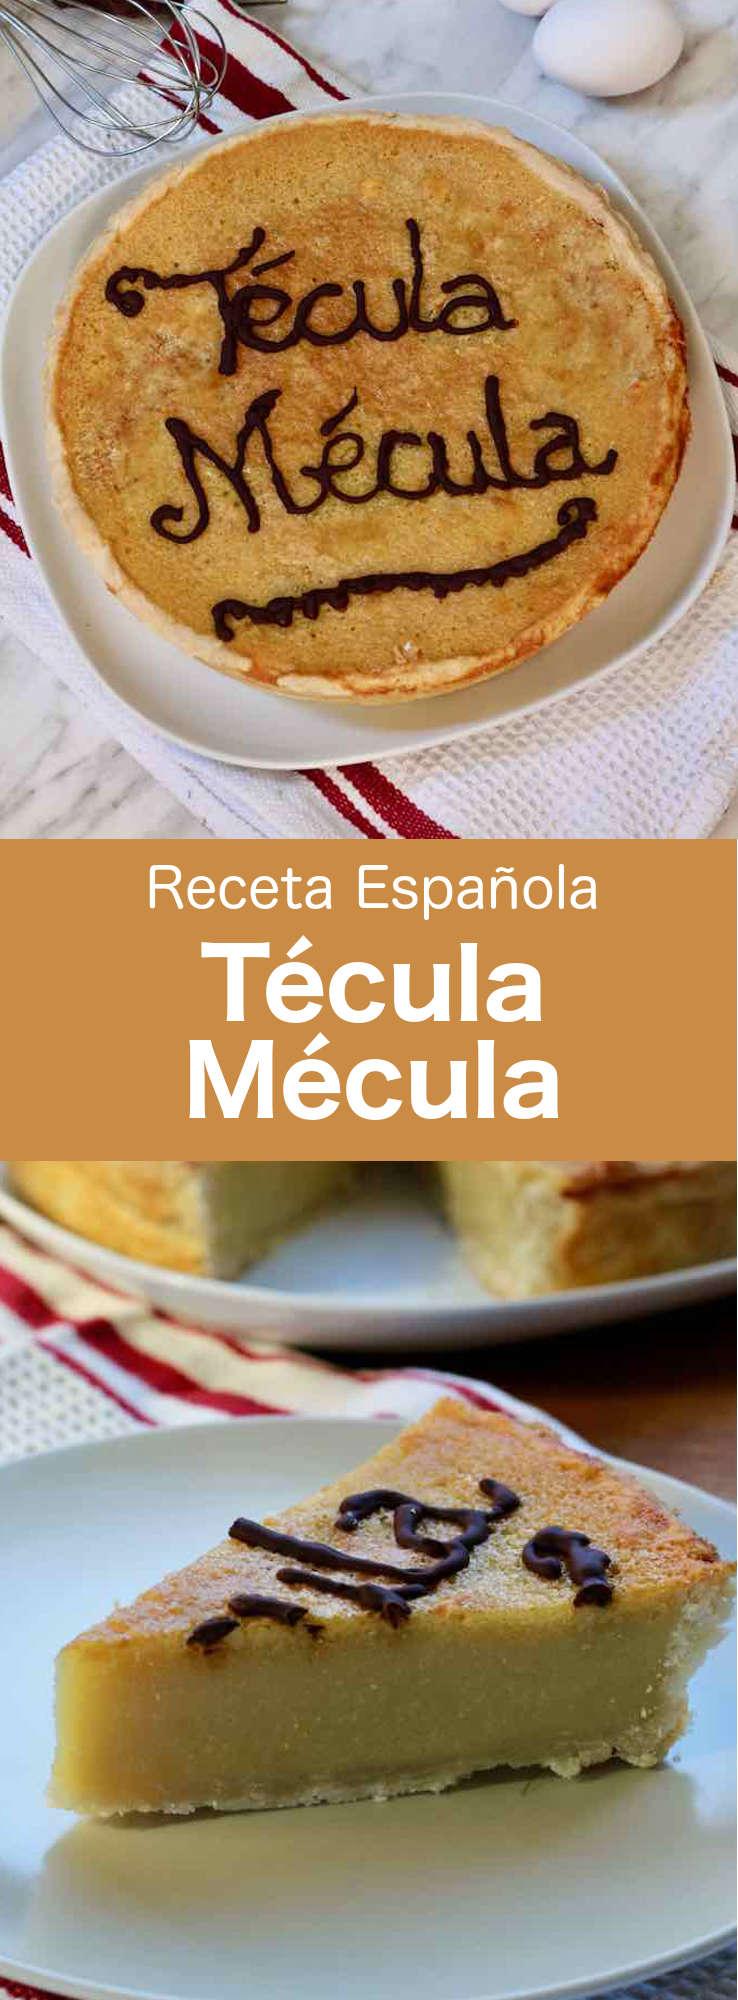 La Técula Mécula es un delicioso postre tradicional de la región de Extremadura, en el oeste de España, que se prepara con almendras y yemas de huevo.